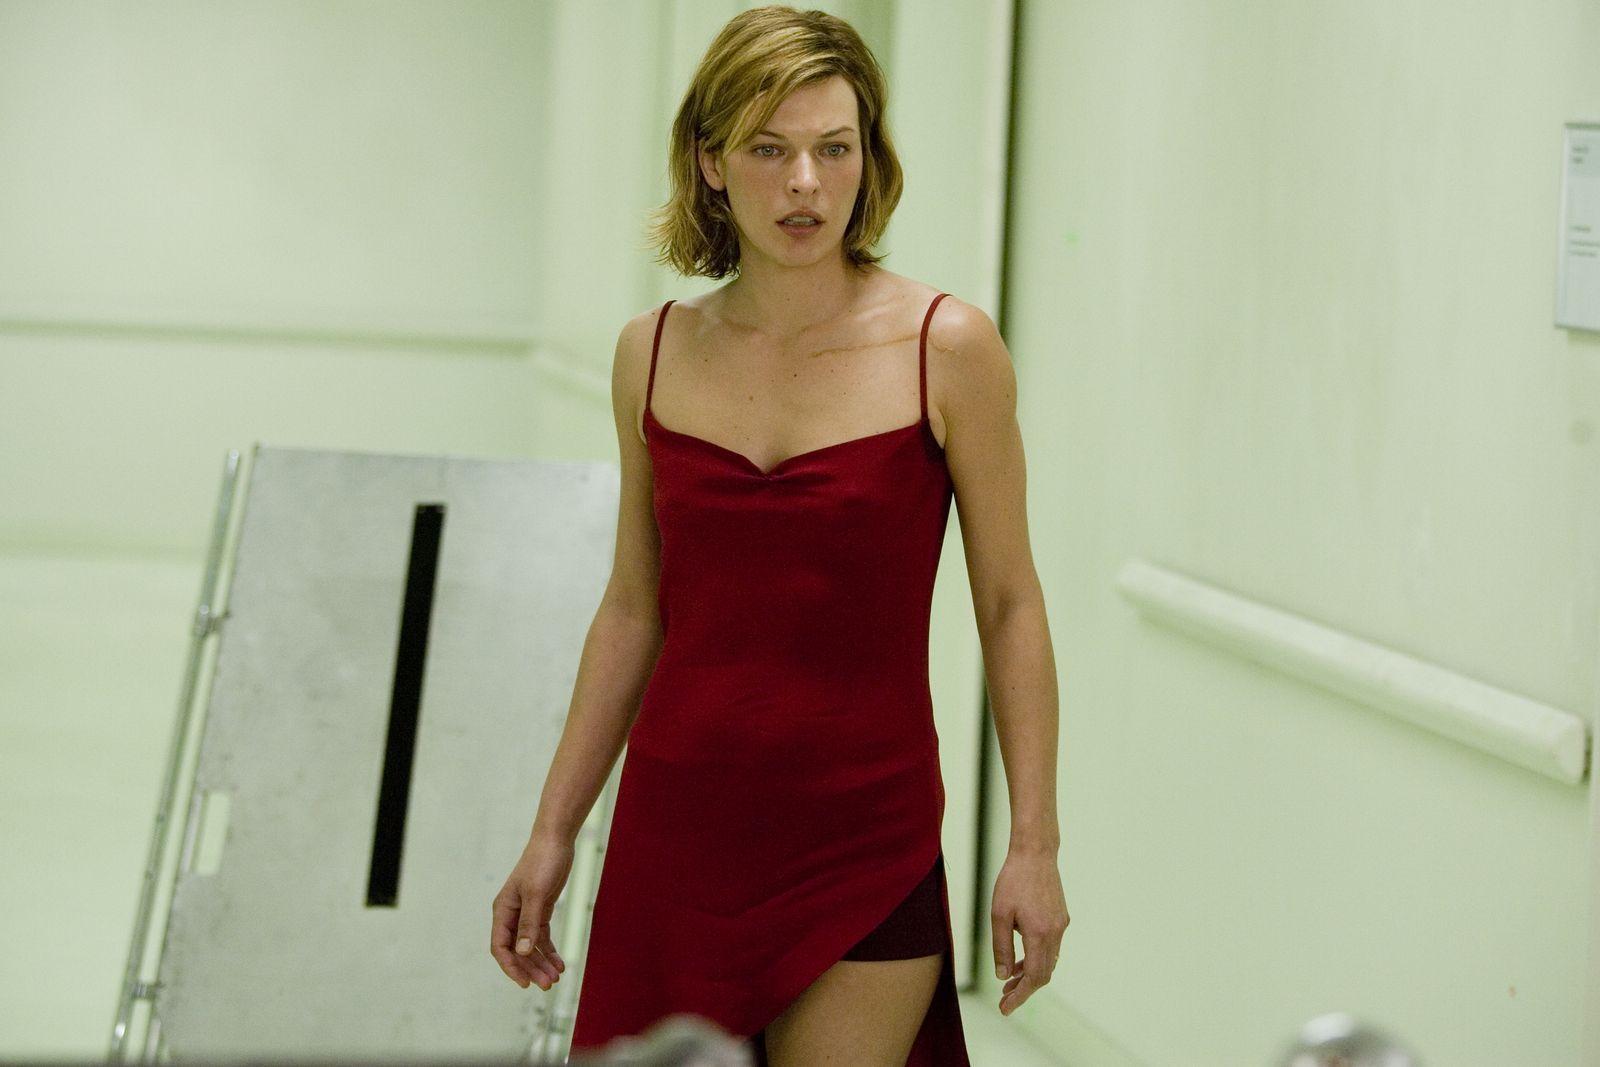 Milla jovovich in resident evil 7